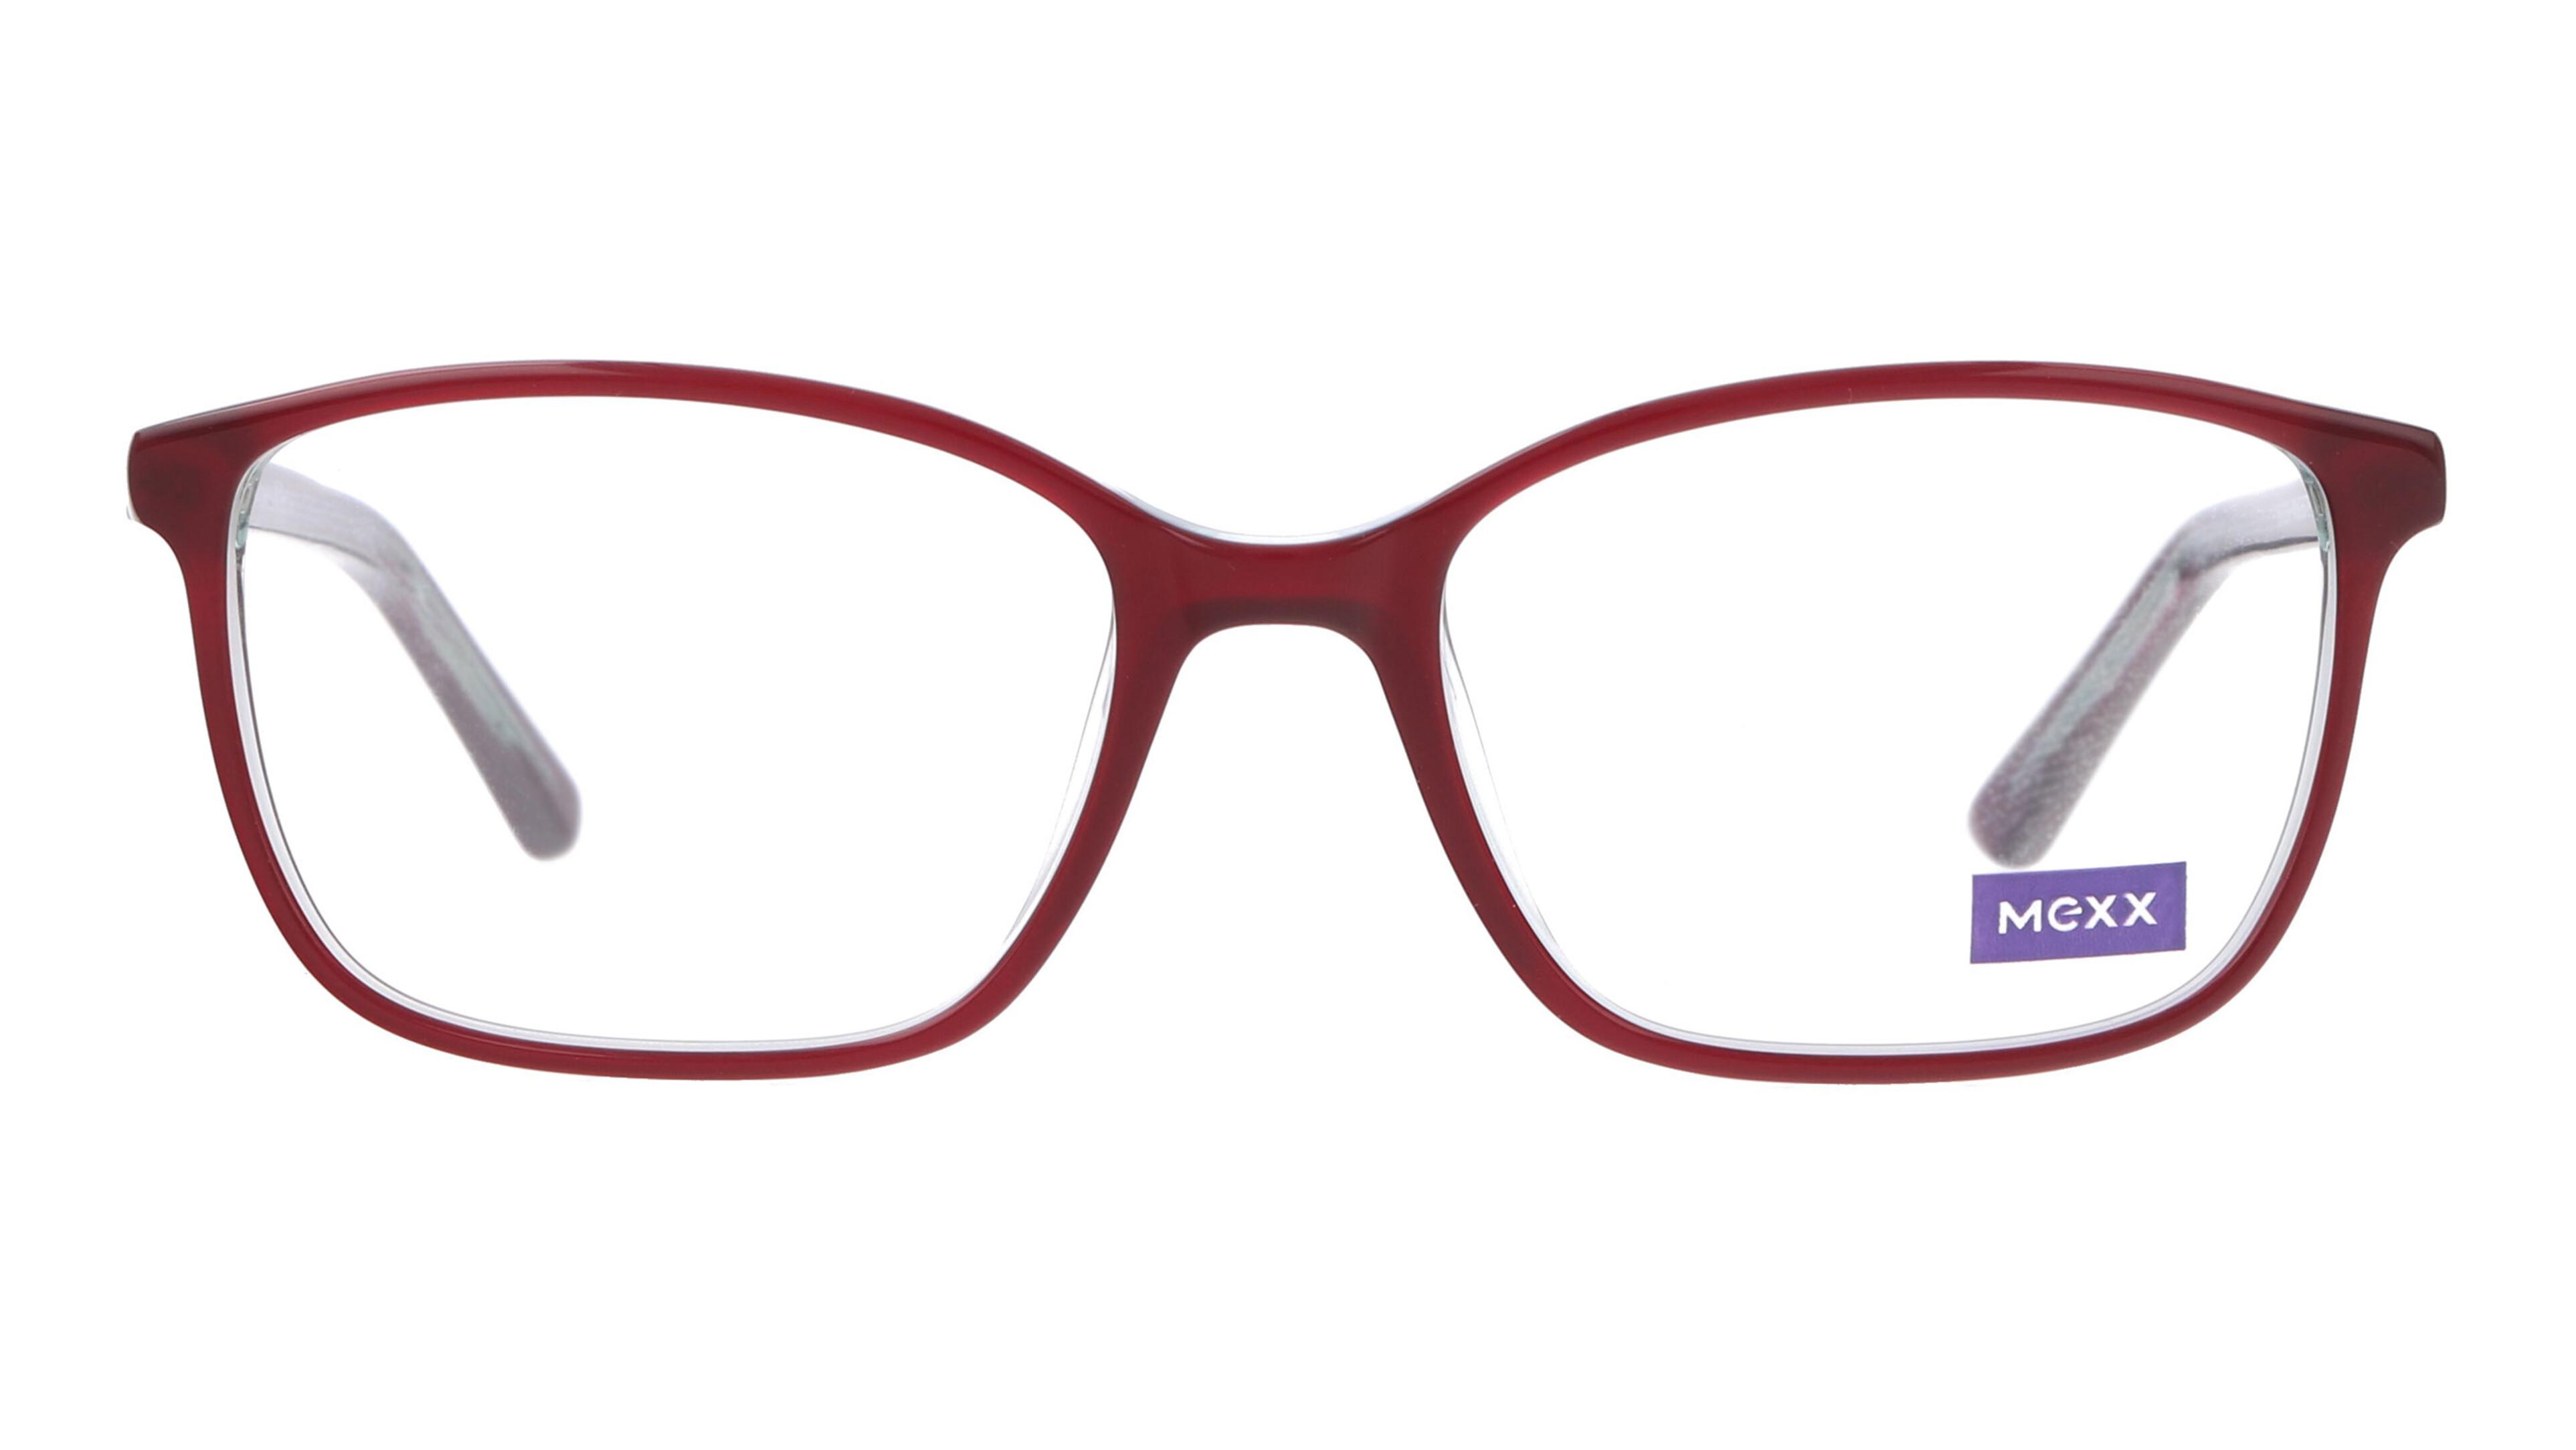 4250788943693-front-brillenfassung-mexx-5672-100-5016